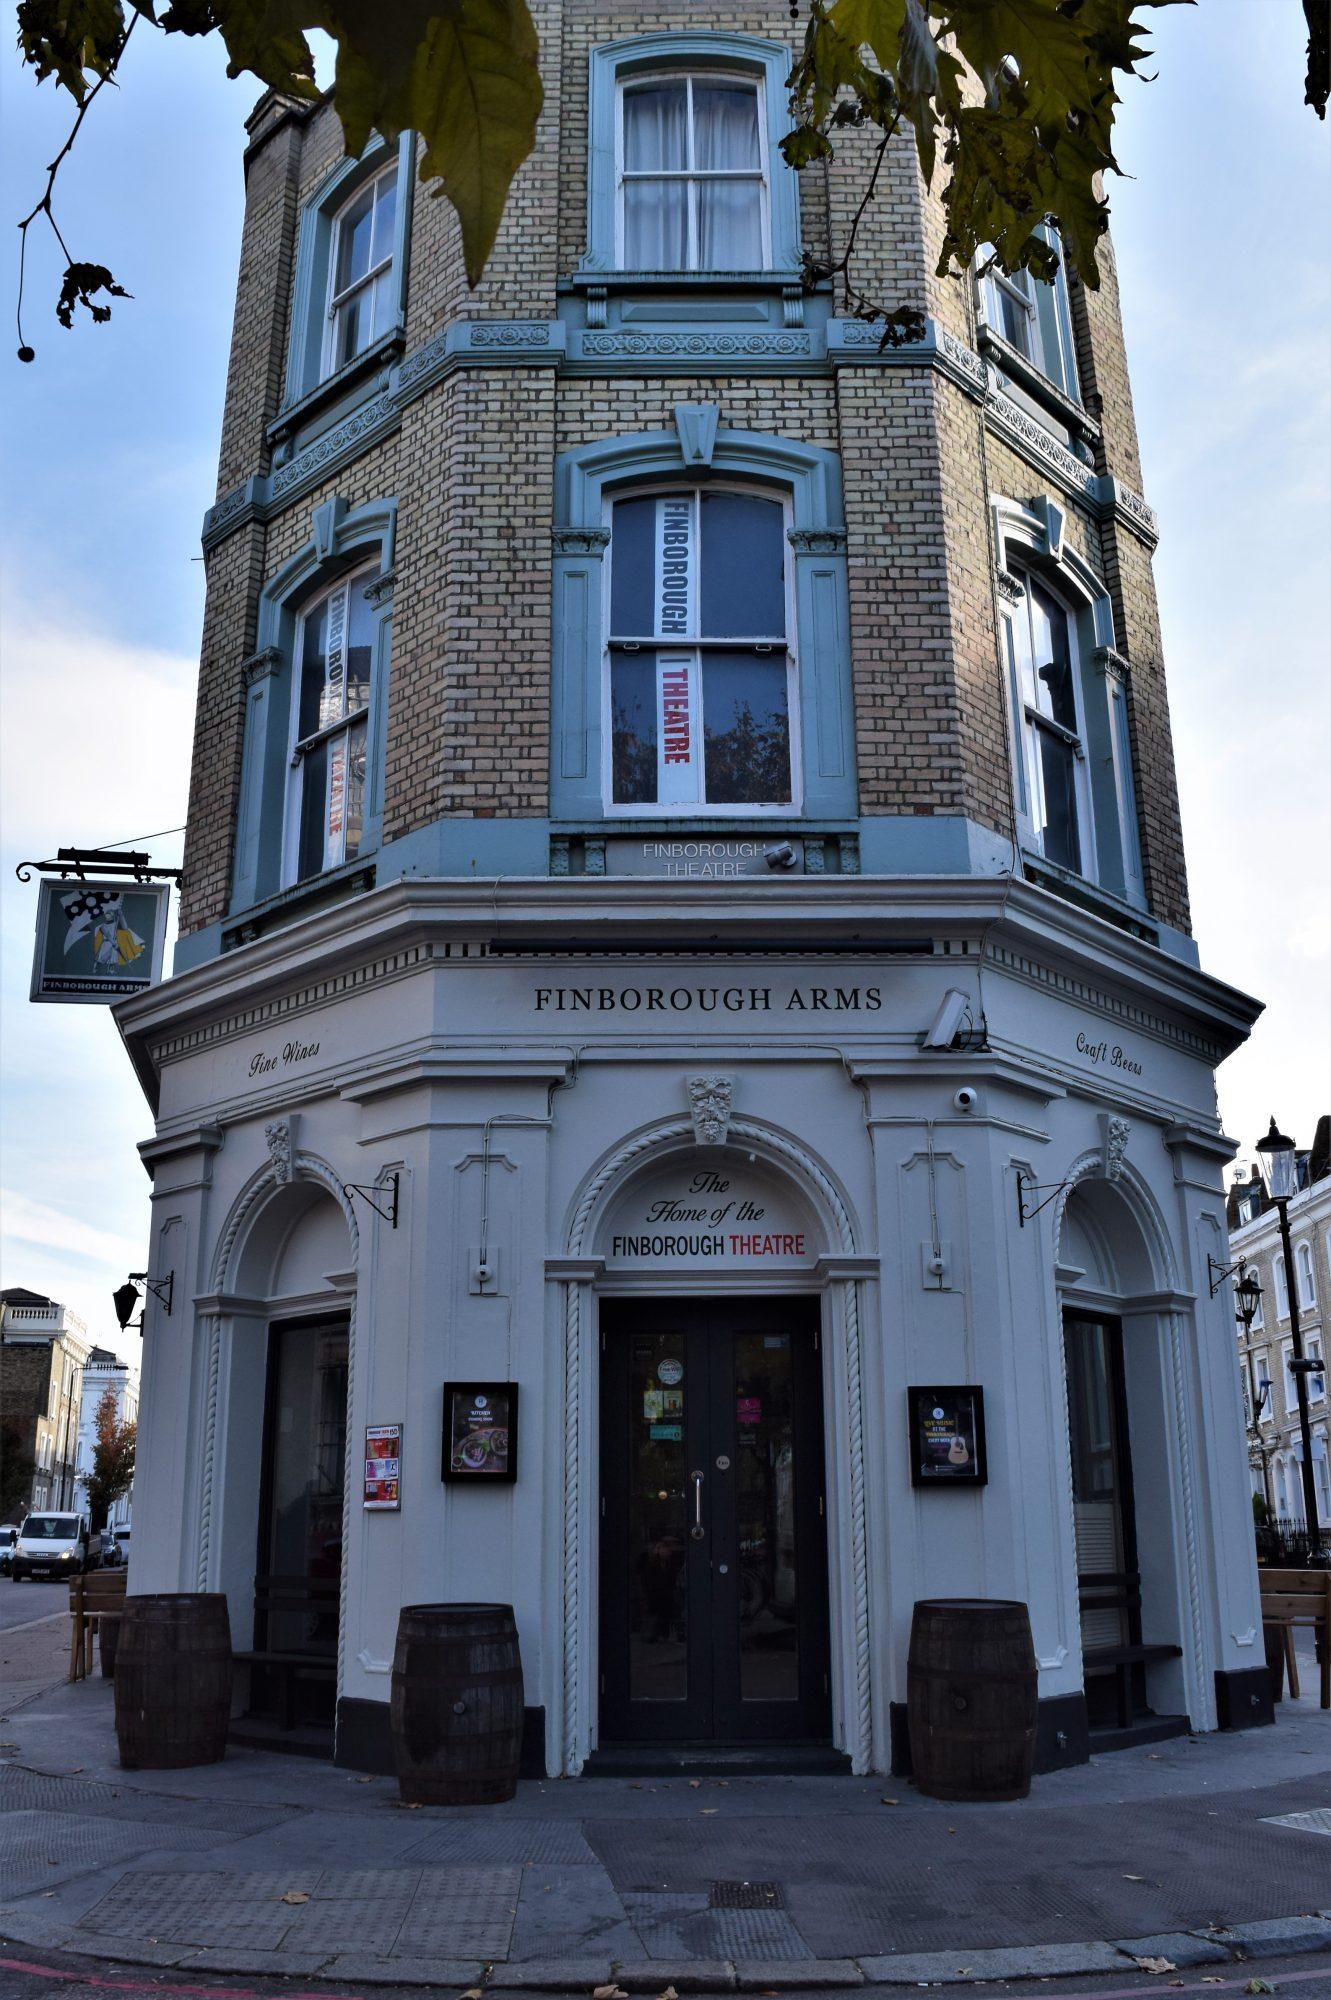 Image of Finborugh Theatre Front Exterior